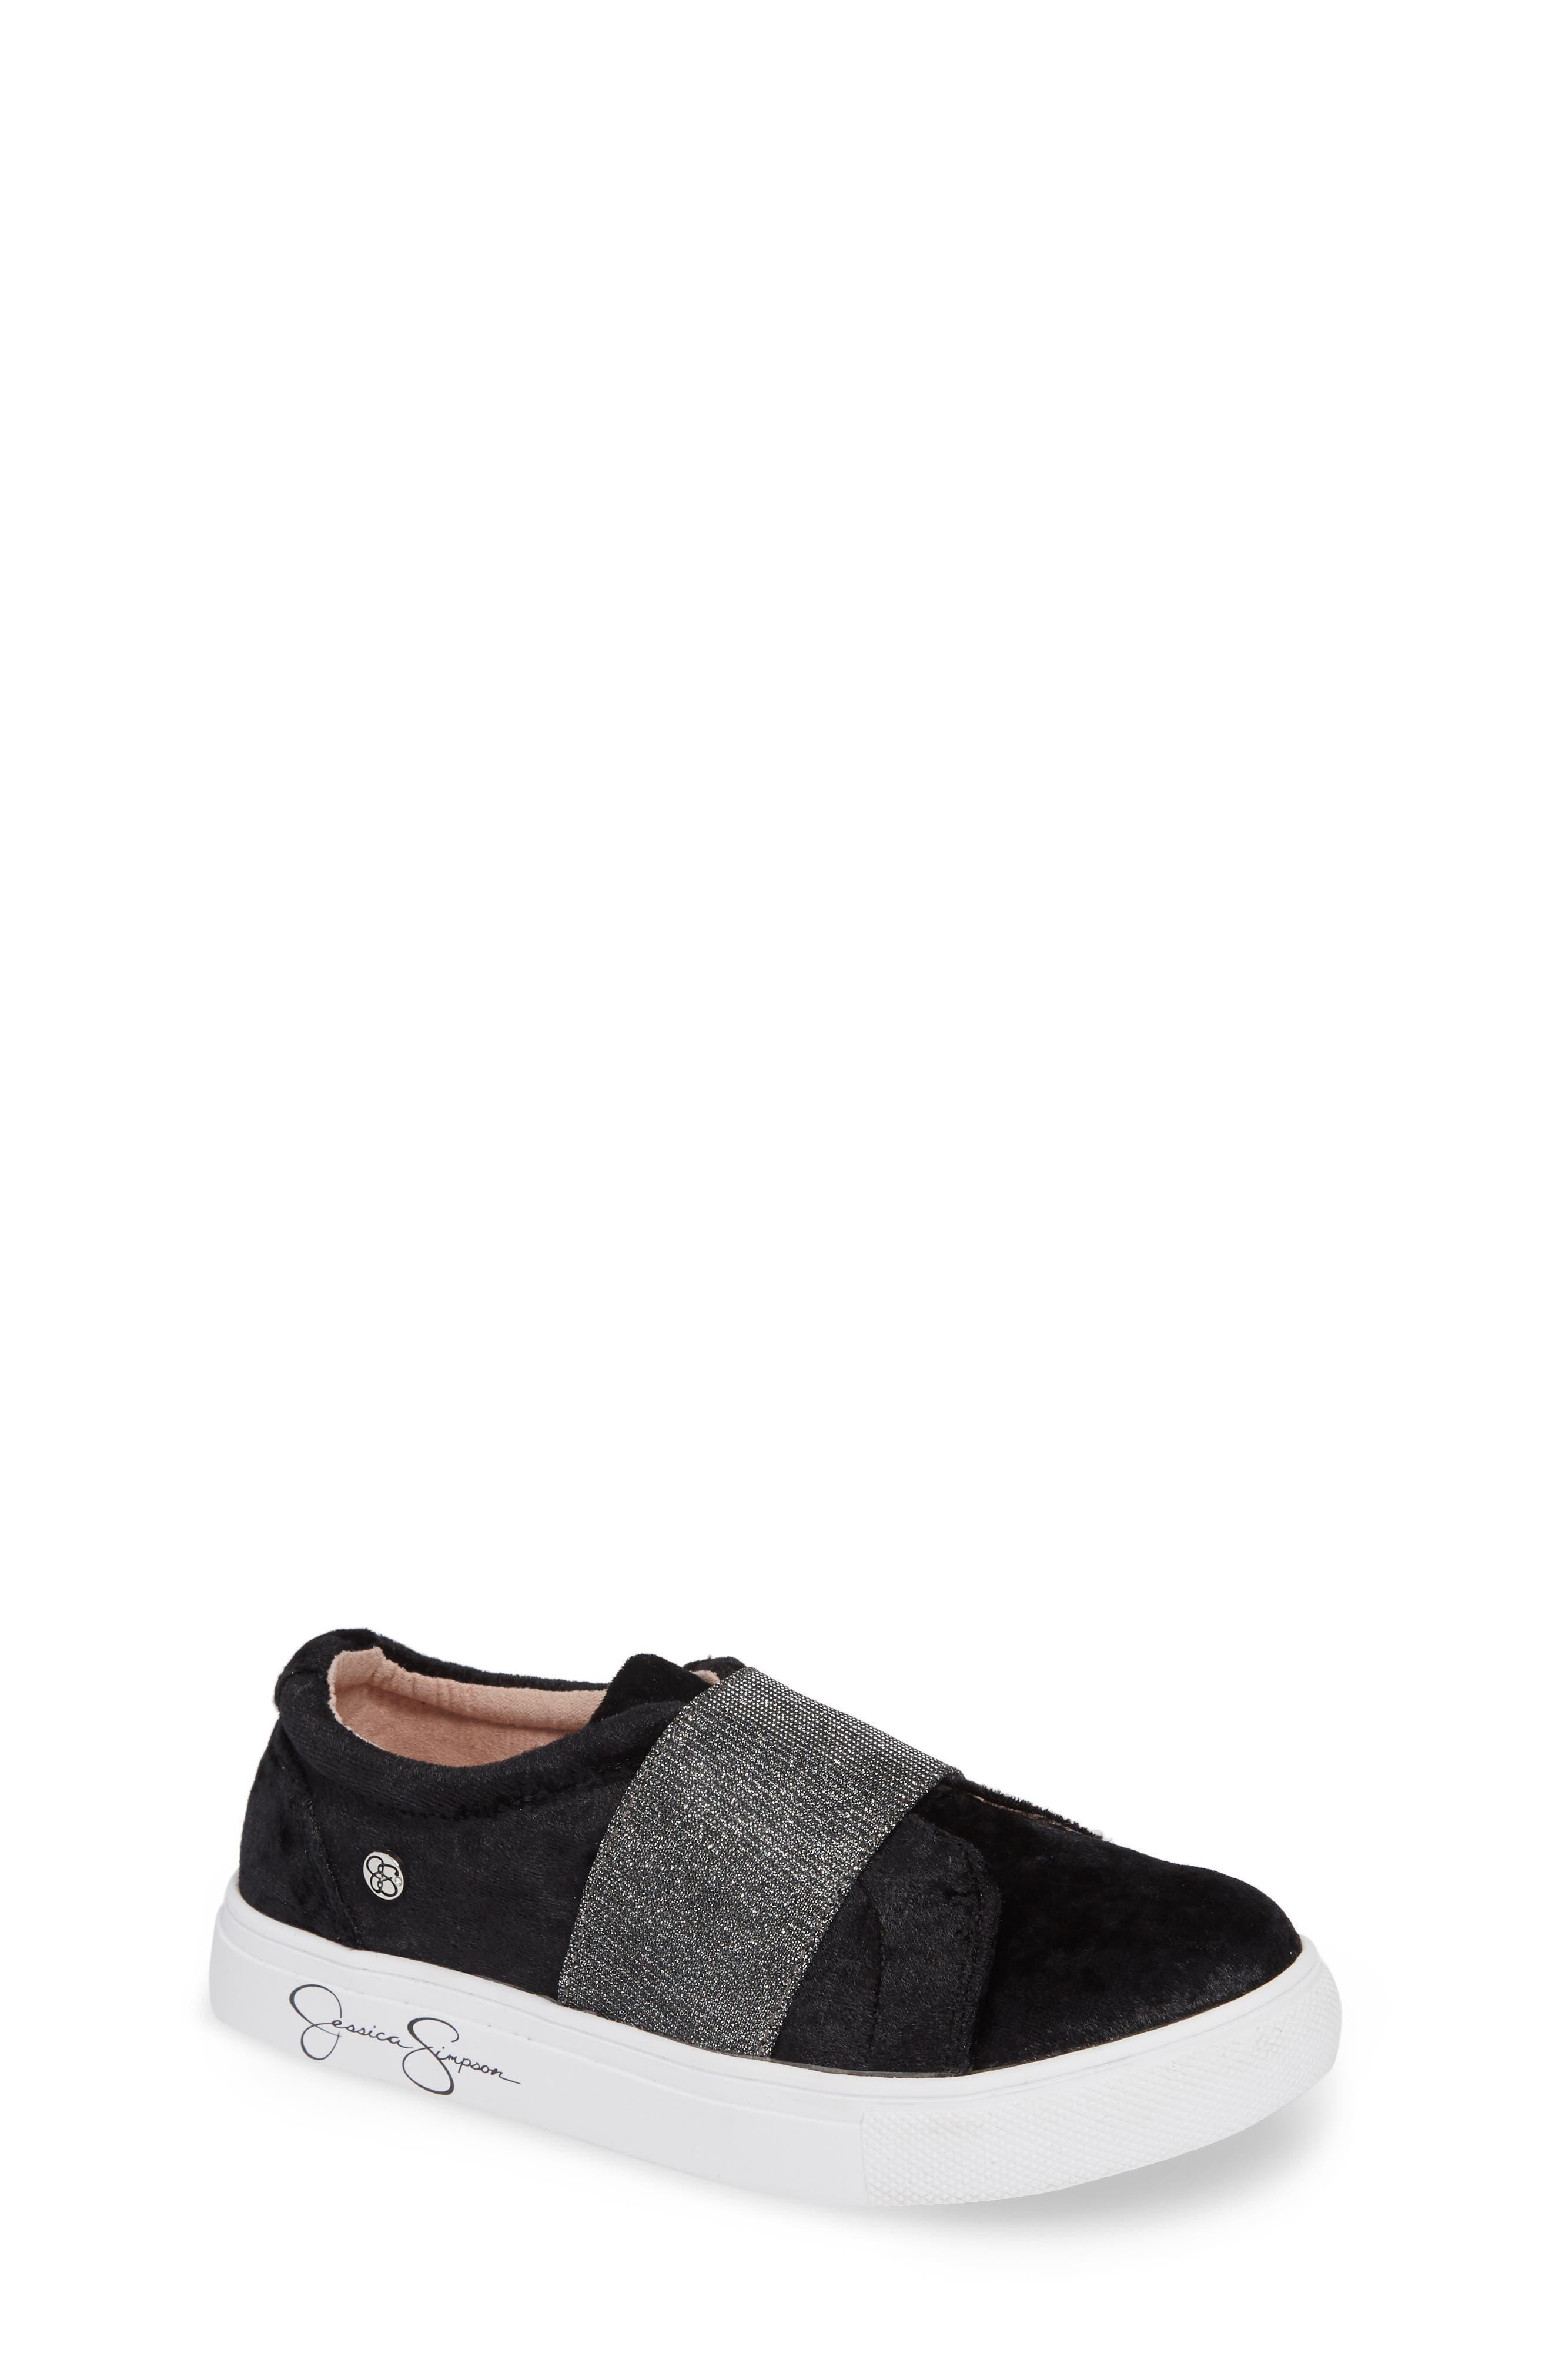 Sparkle Slip-On Sneaker,                             Main thumbnail 1, color,                             BLACK CRUSHED VELVET